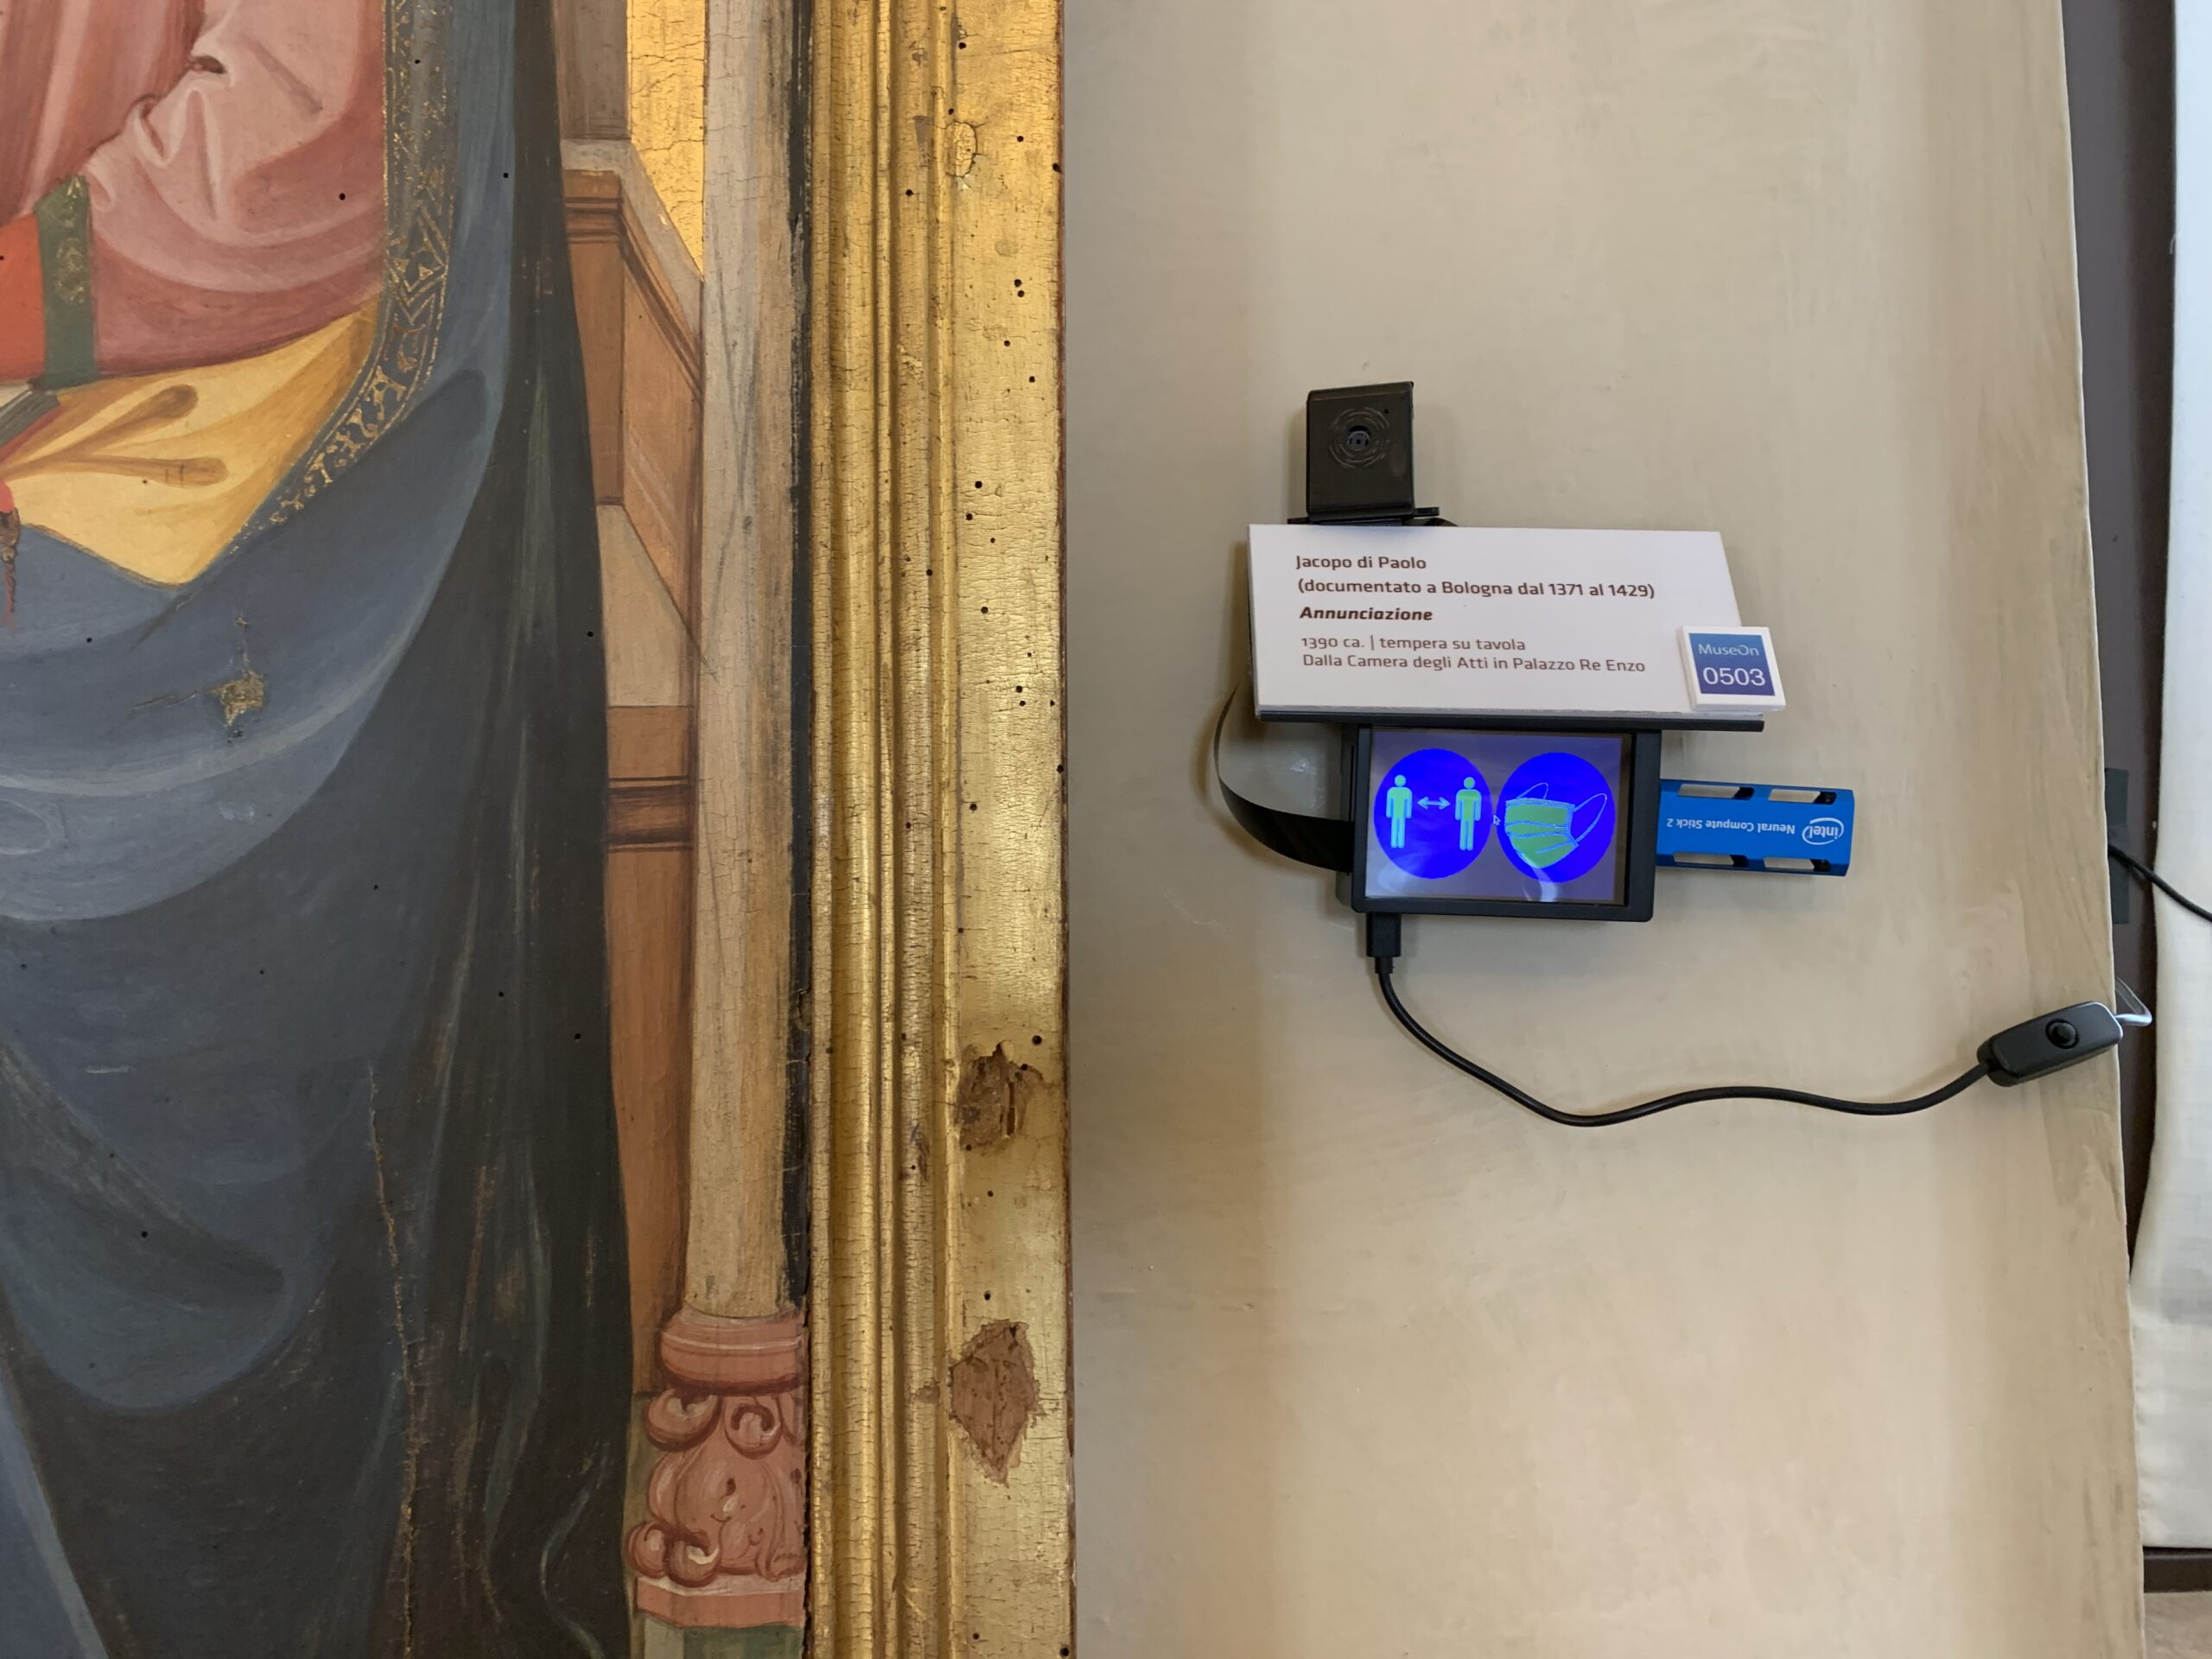 Nei musei di Bologna una telecamera rileverà il gradimento dei visitatori davanti alle opere d'arte